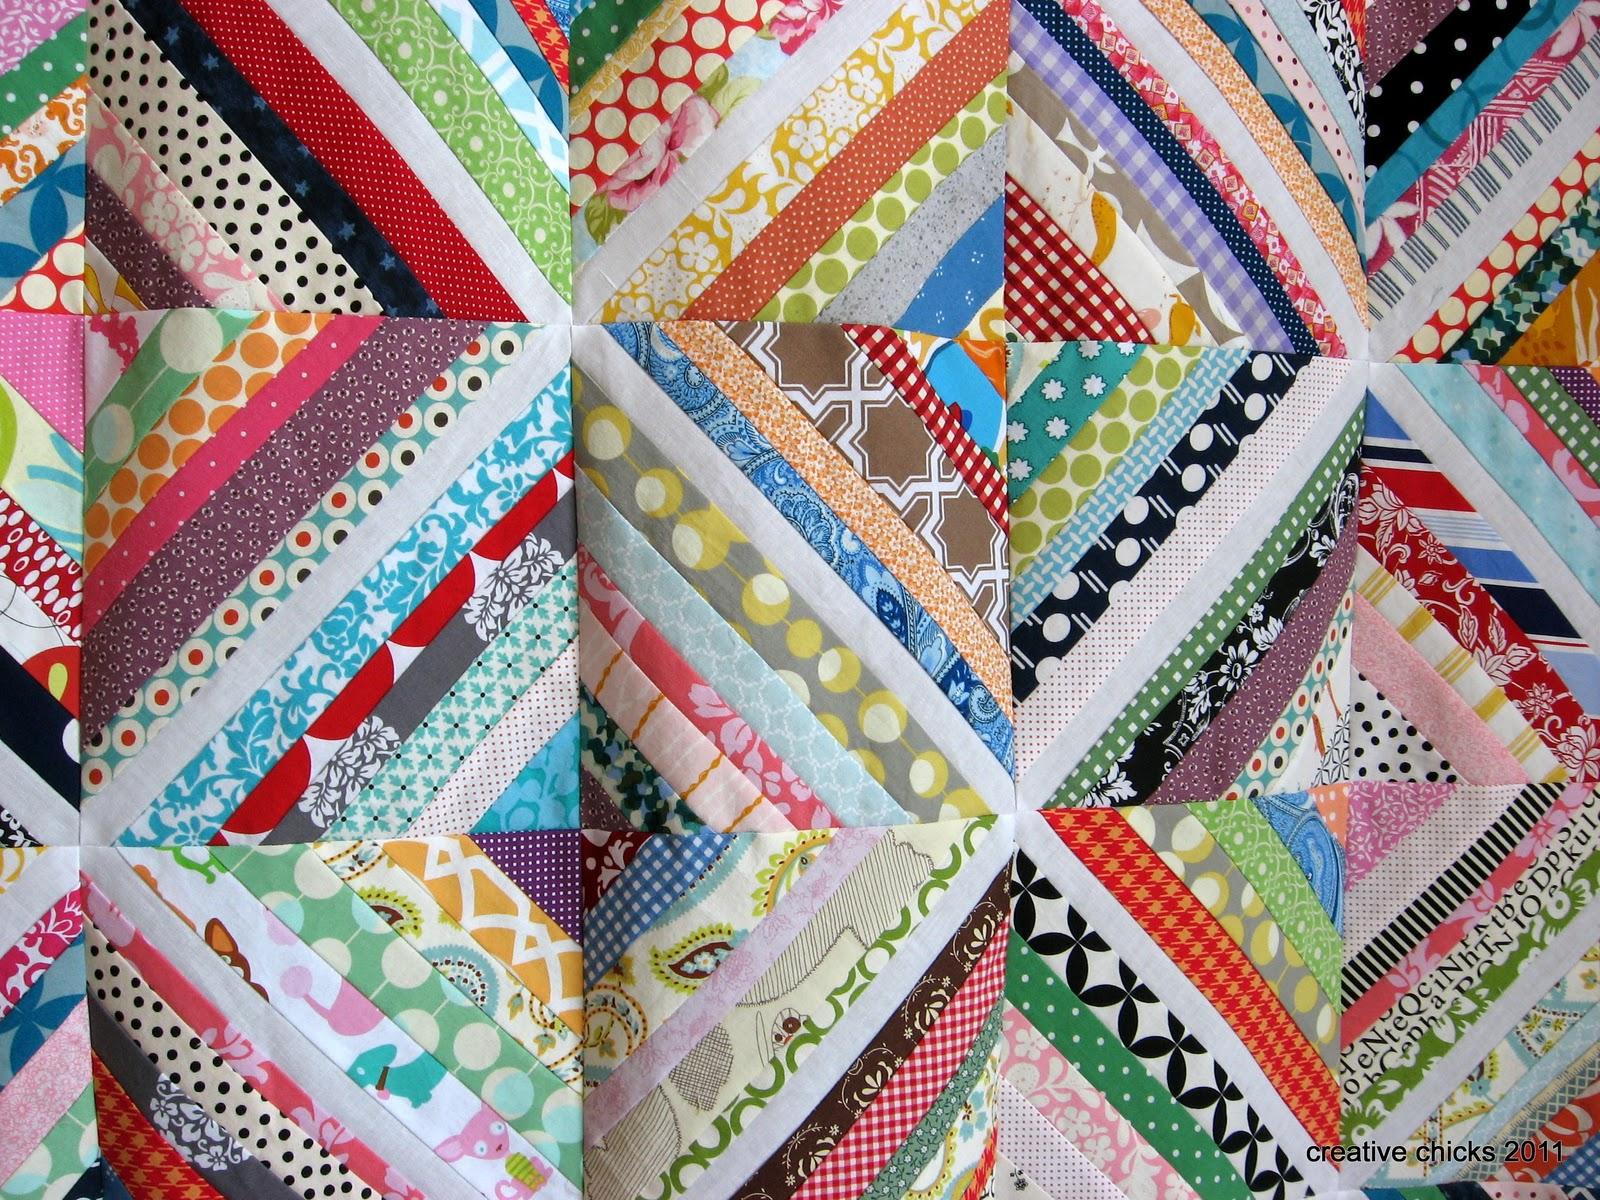 http://2.bp.blogspot.com/_NKwRaqI7apw/TUelmZIpsaI/AAAAAAAAGt8/myZfj-vLFs8/s1600/String+Quilt+008.jpg